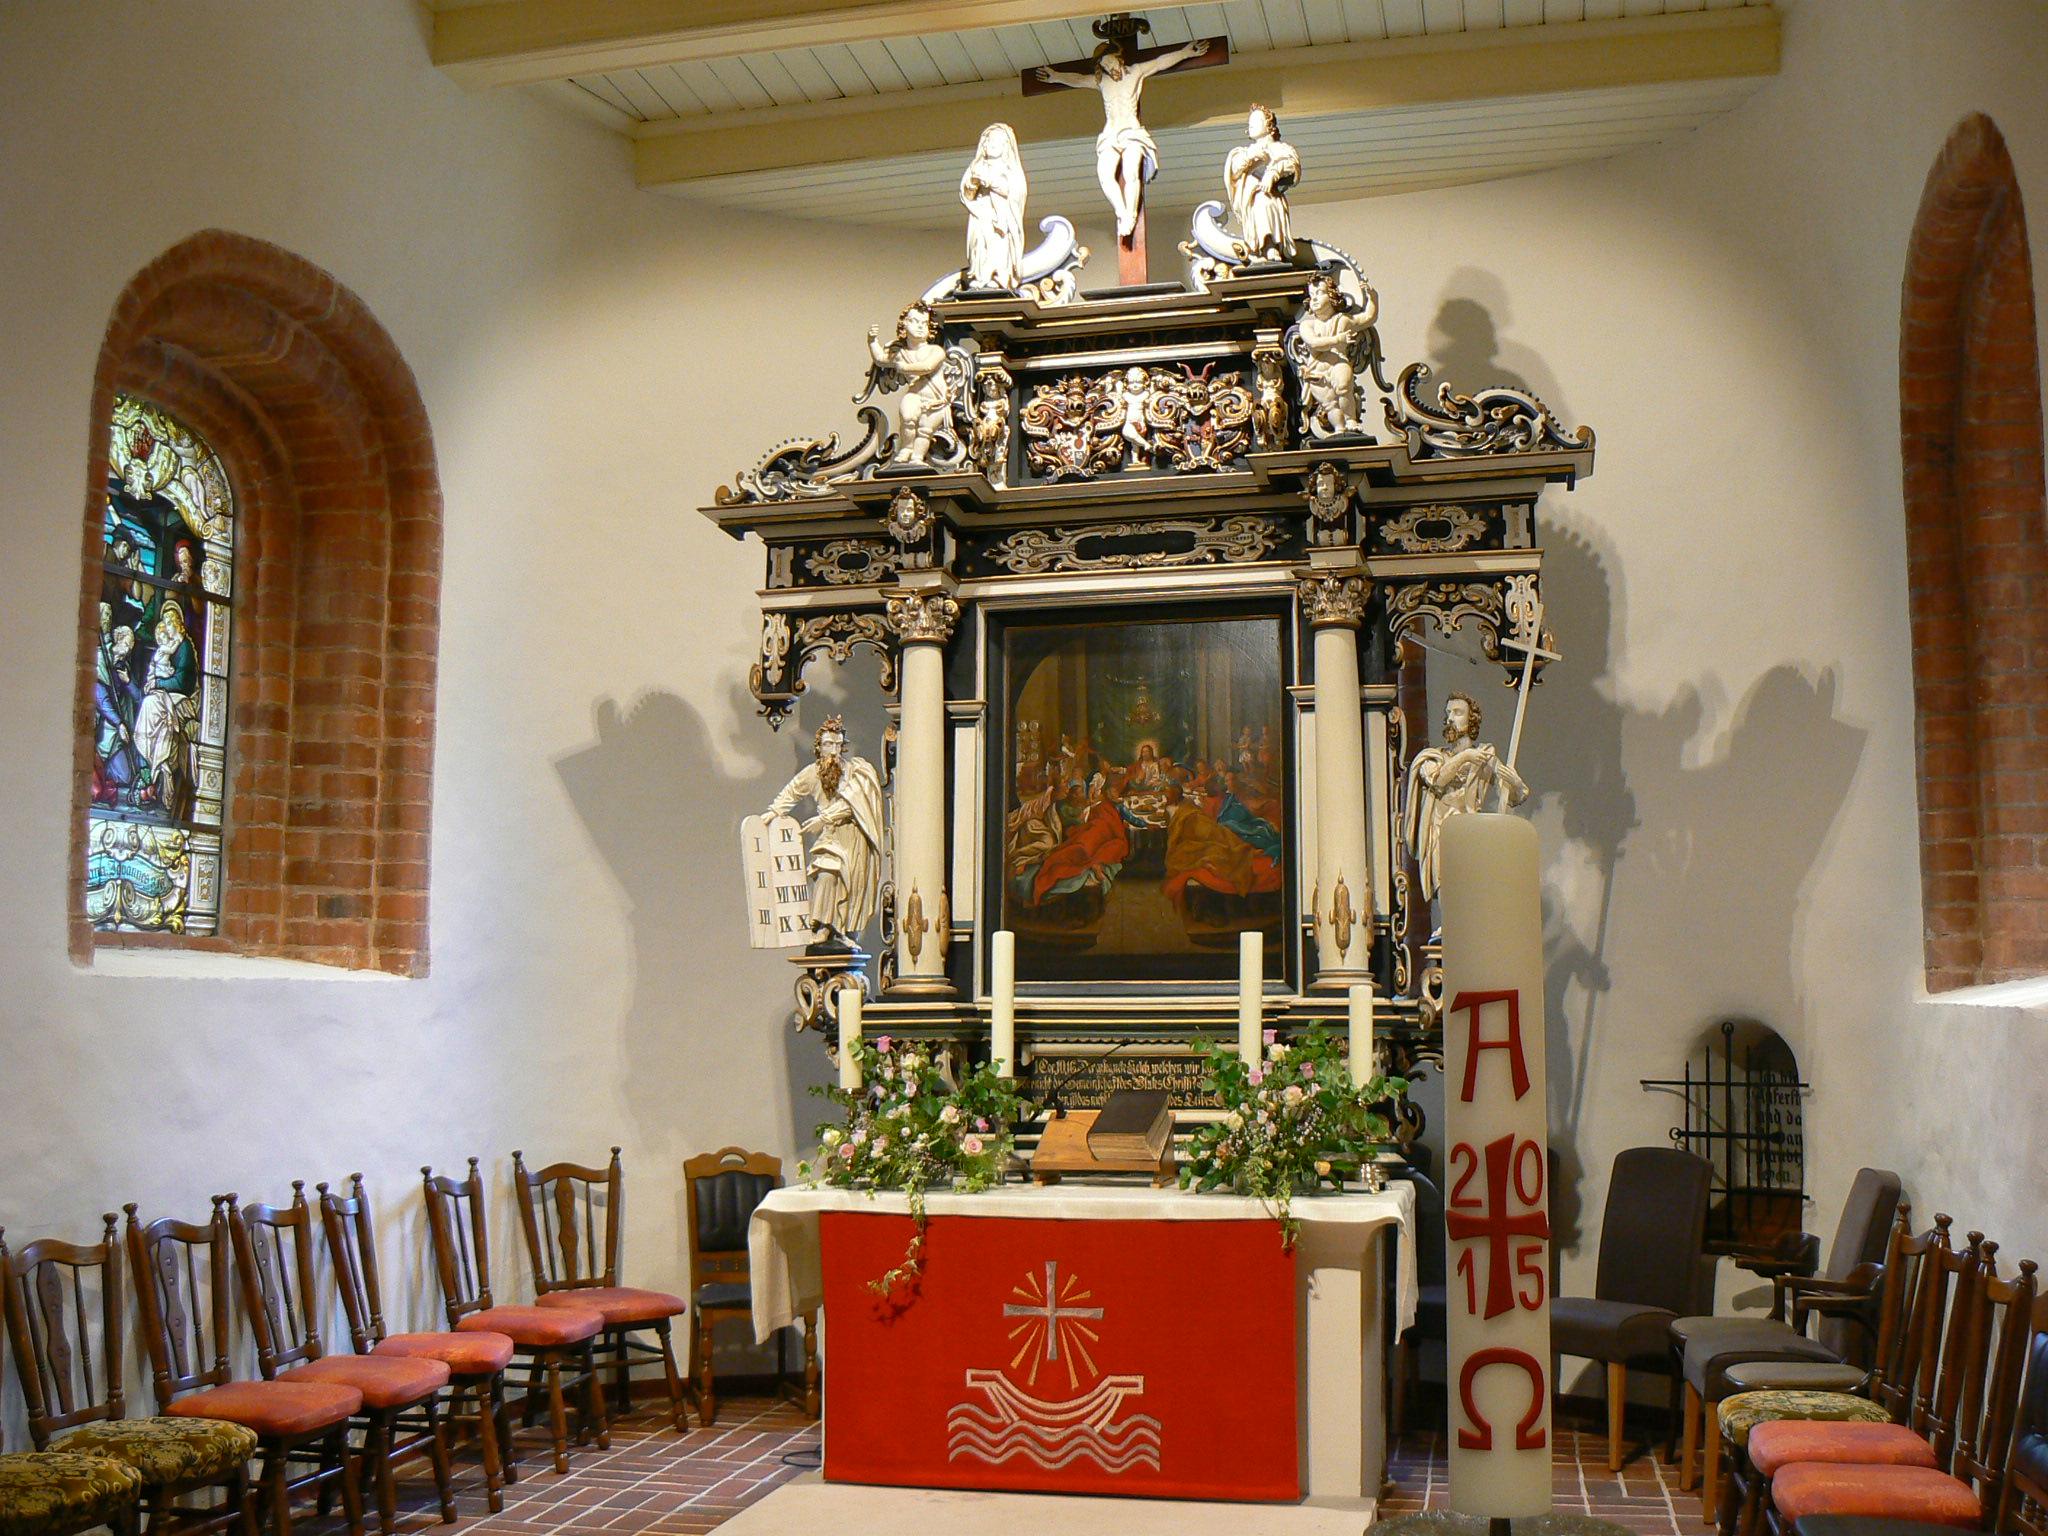 Blick in den Altarraum - das schaut jetzt schon alles ein bißchen anders aus.